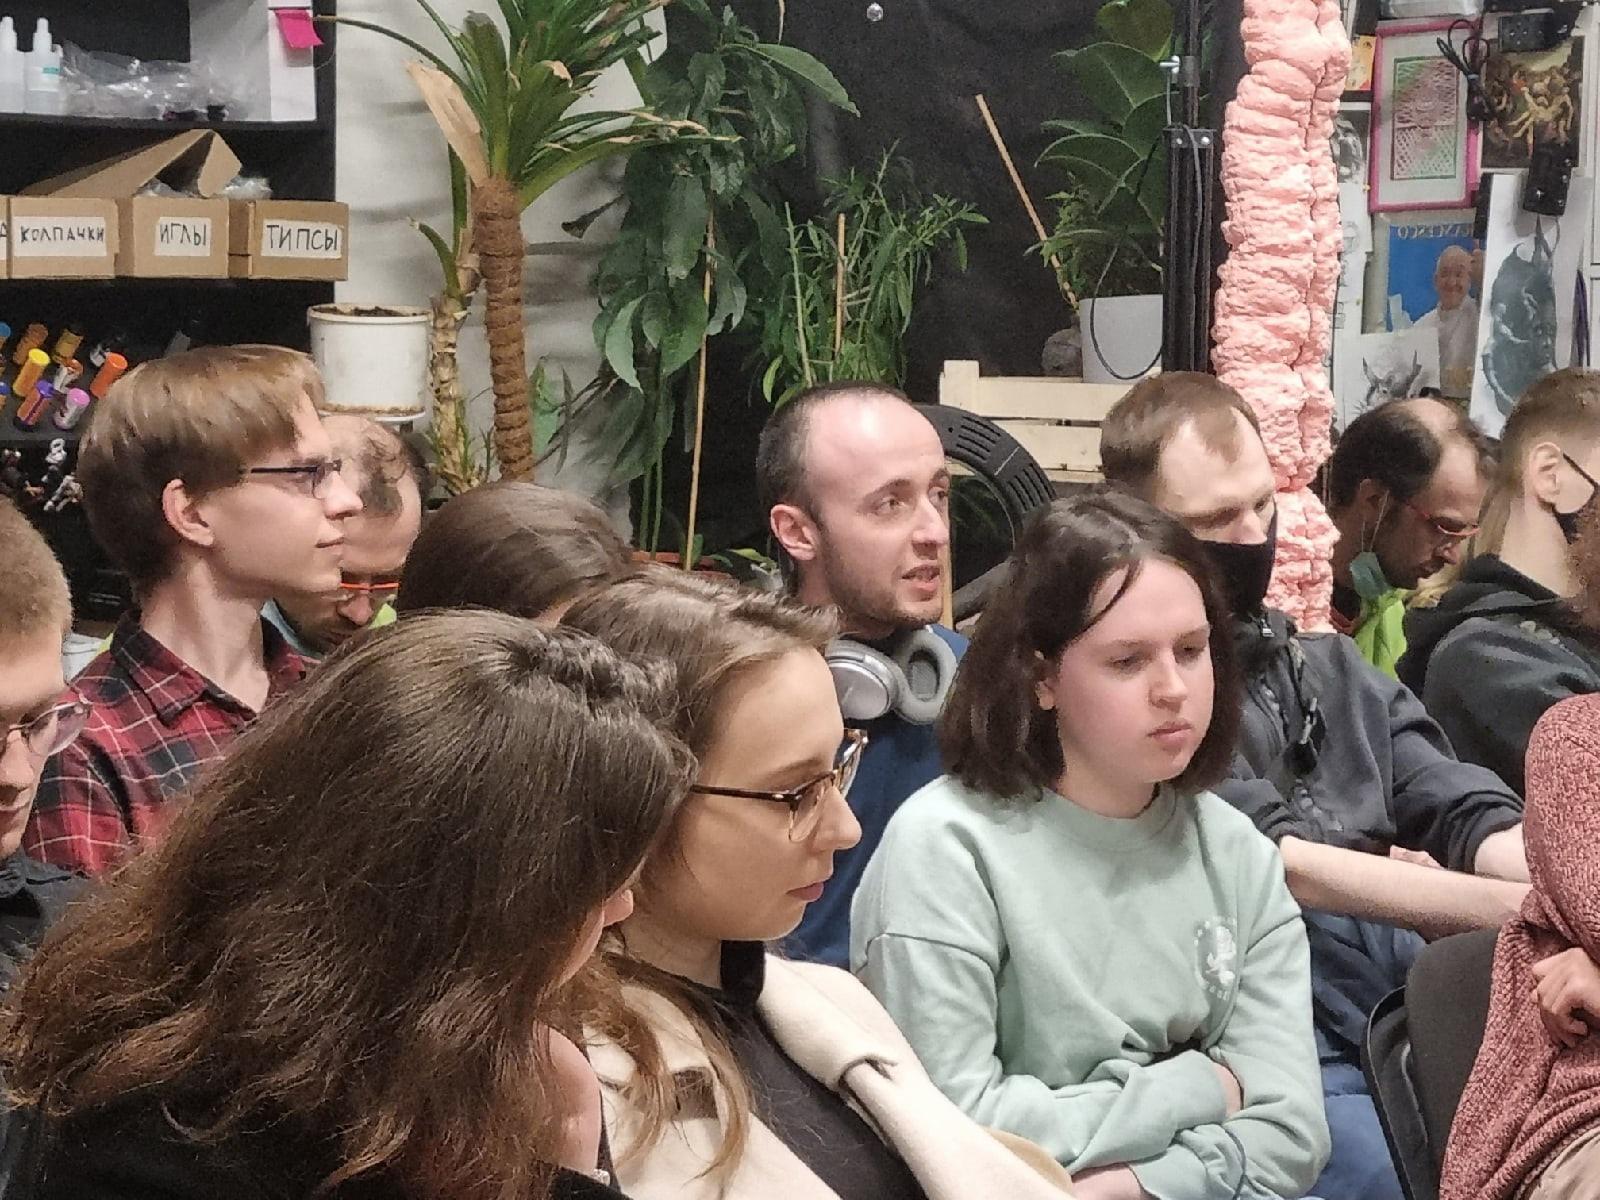 Иногда на наших синемарксистских показах не хватает стульев, но всем все равно находится место и каждый может высказаться о фильме.